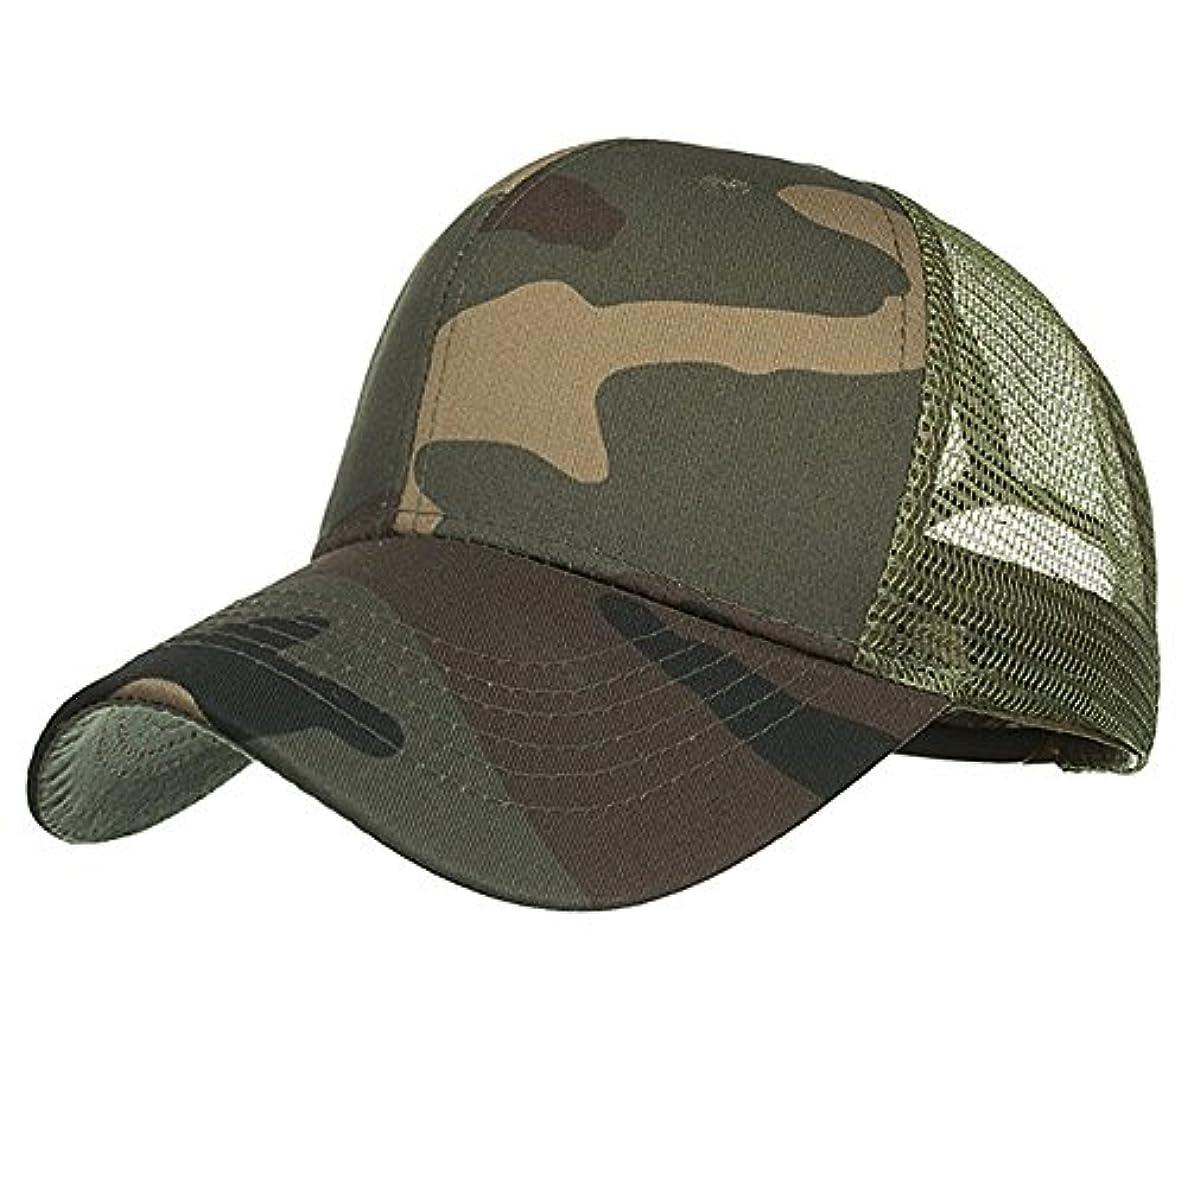 チャットさびたかわいらしいRacazing Cap 迷彩 野球帽 メッシュステッチ 通気性のある 帽子 夏 登山 可調整可能 刺繍 棒球帽 UV 帽子 軽量 屋外 Unisex Hat (A)